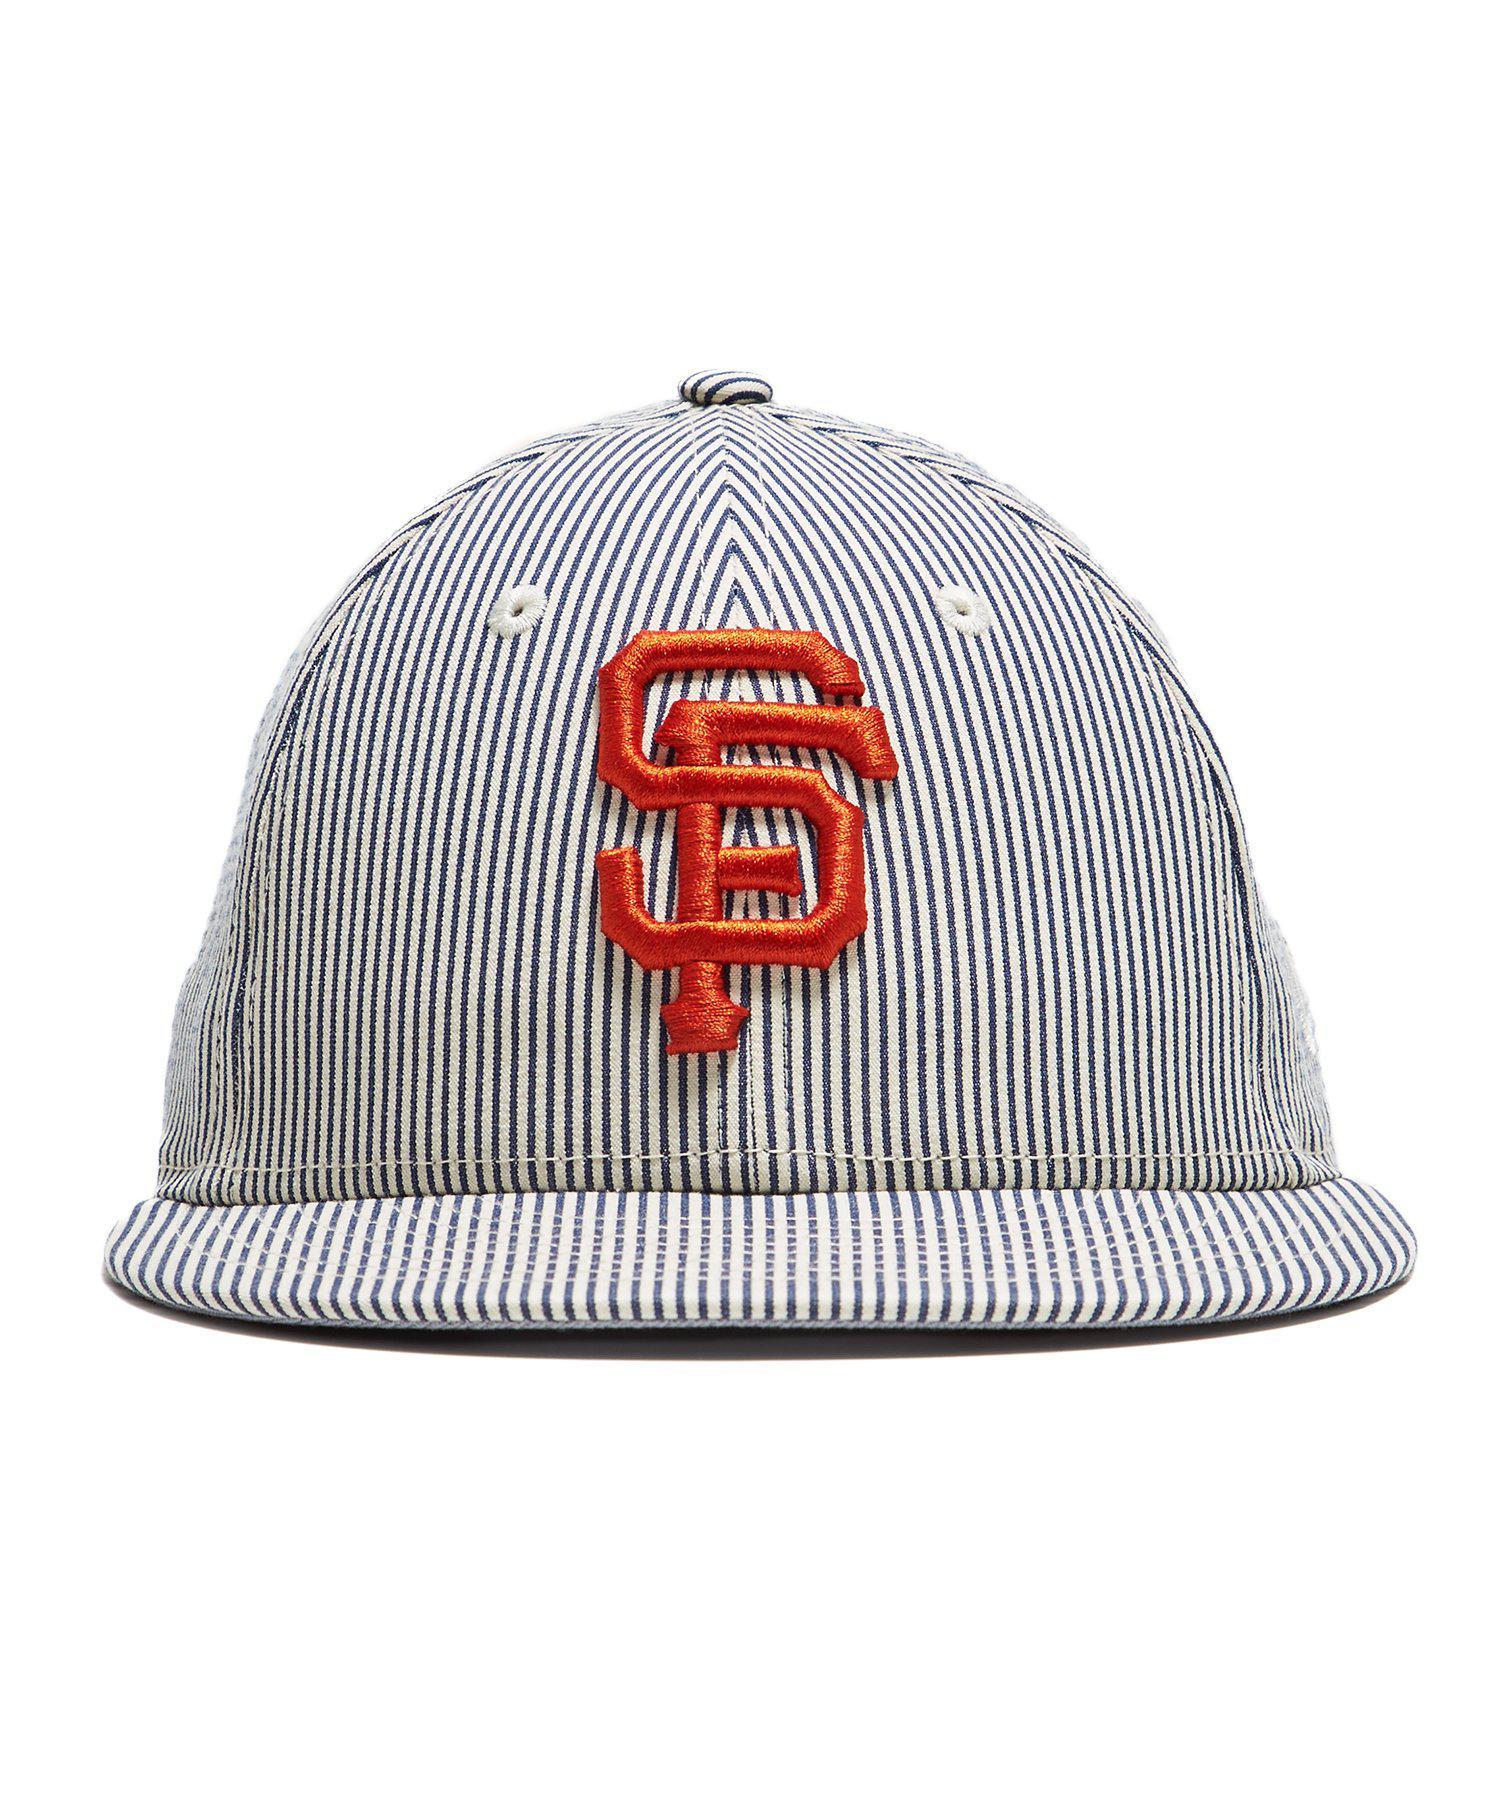 d7f7b3c1857 Lyst - New Era Hats San Francisco Giants Cap In Seersucker in Blue ...